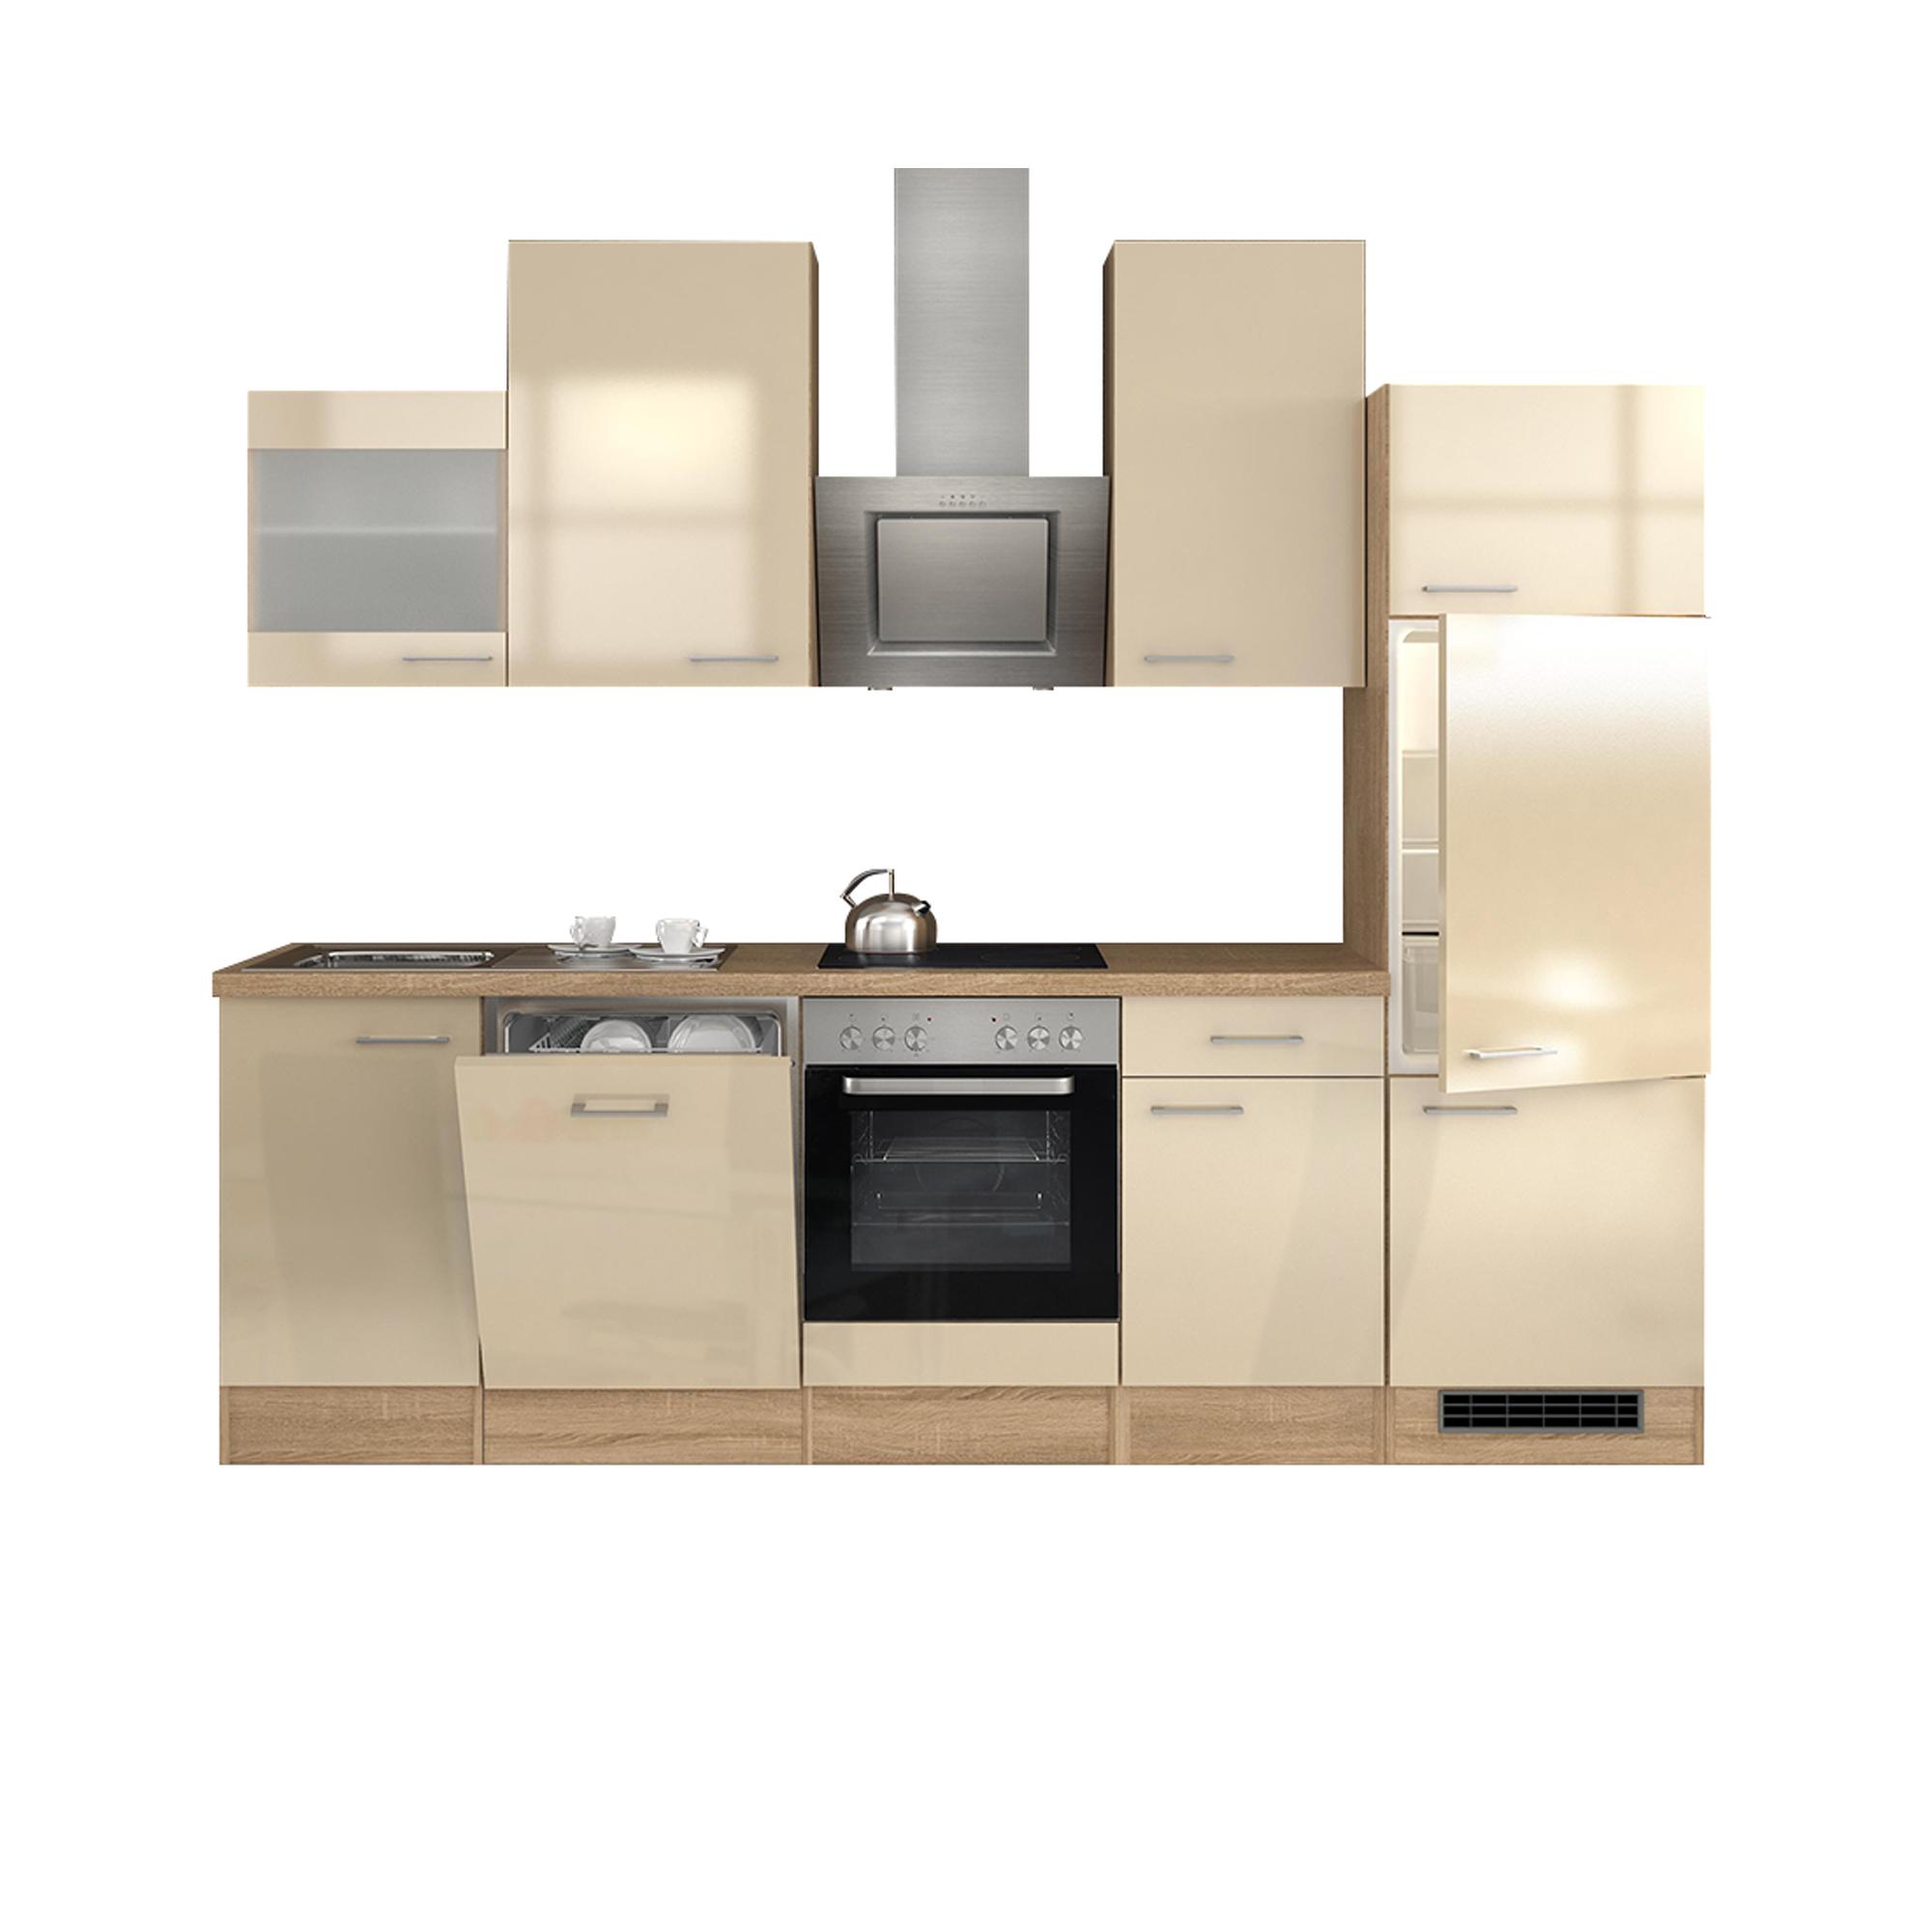 k chenzeile nepal mit e ger ten und glash nger breite 280 cm creme gl nzend k che k chenzeilen. Black Bedroom Furniture Sets. Home Design Ideas